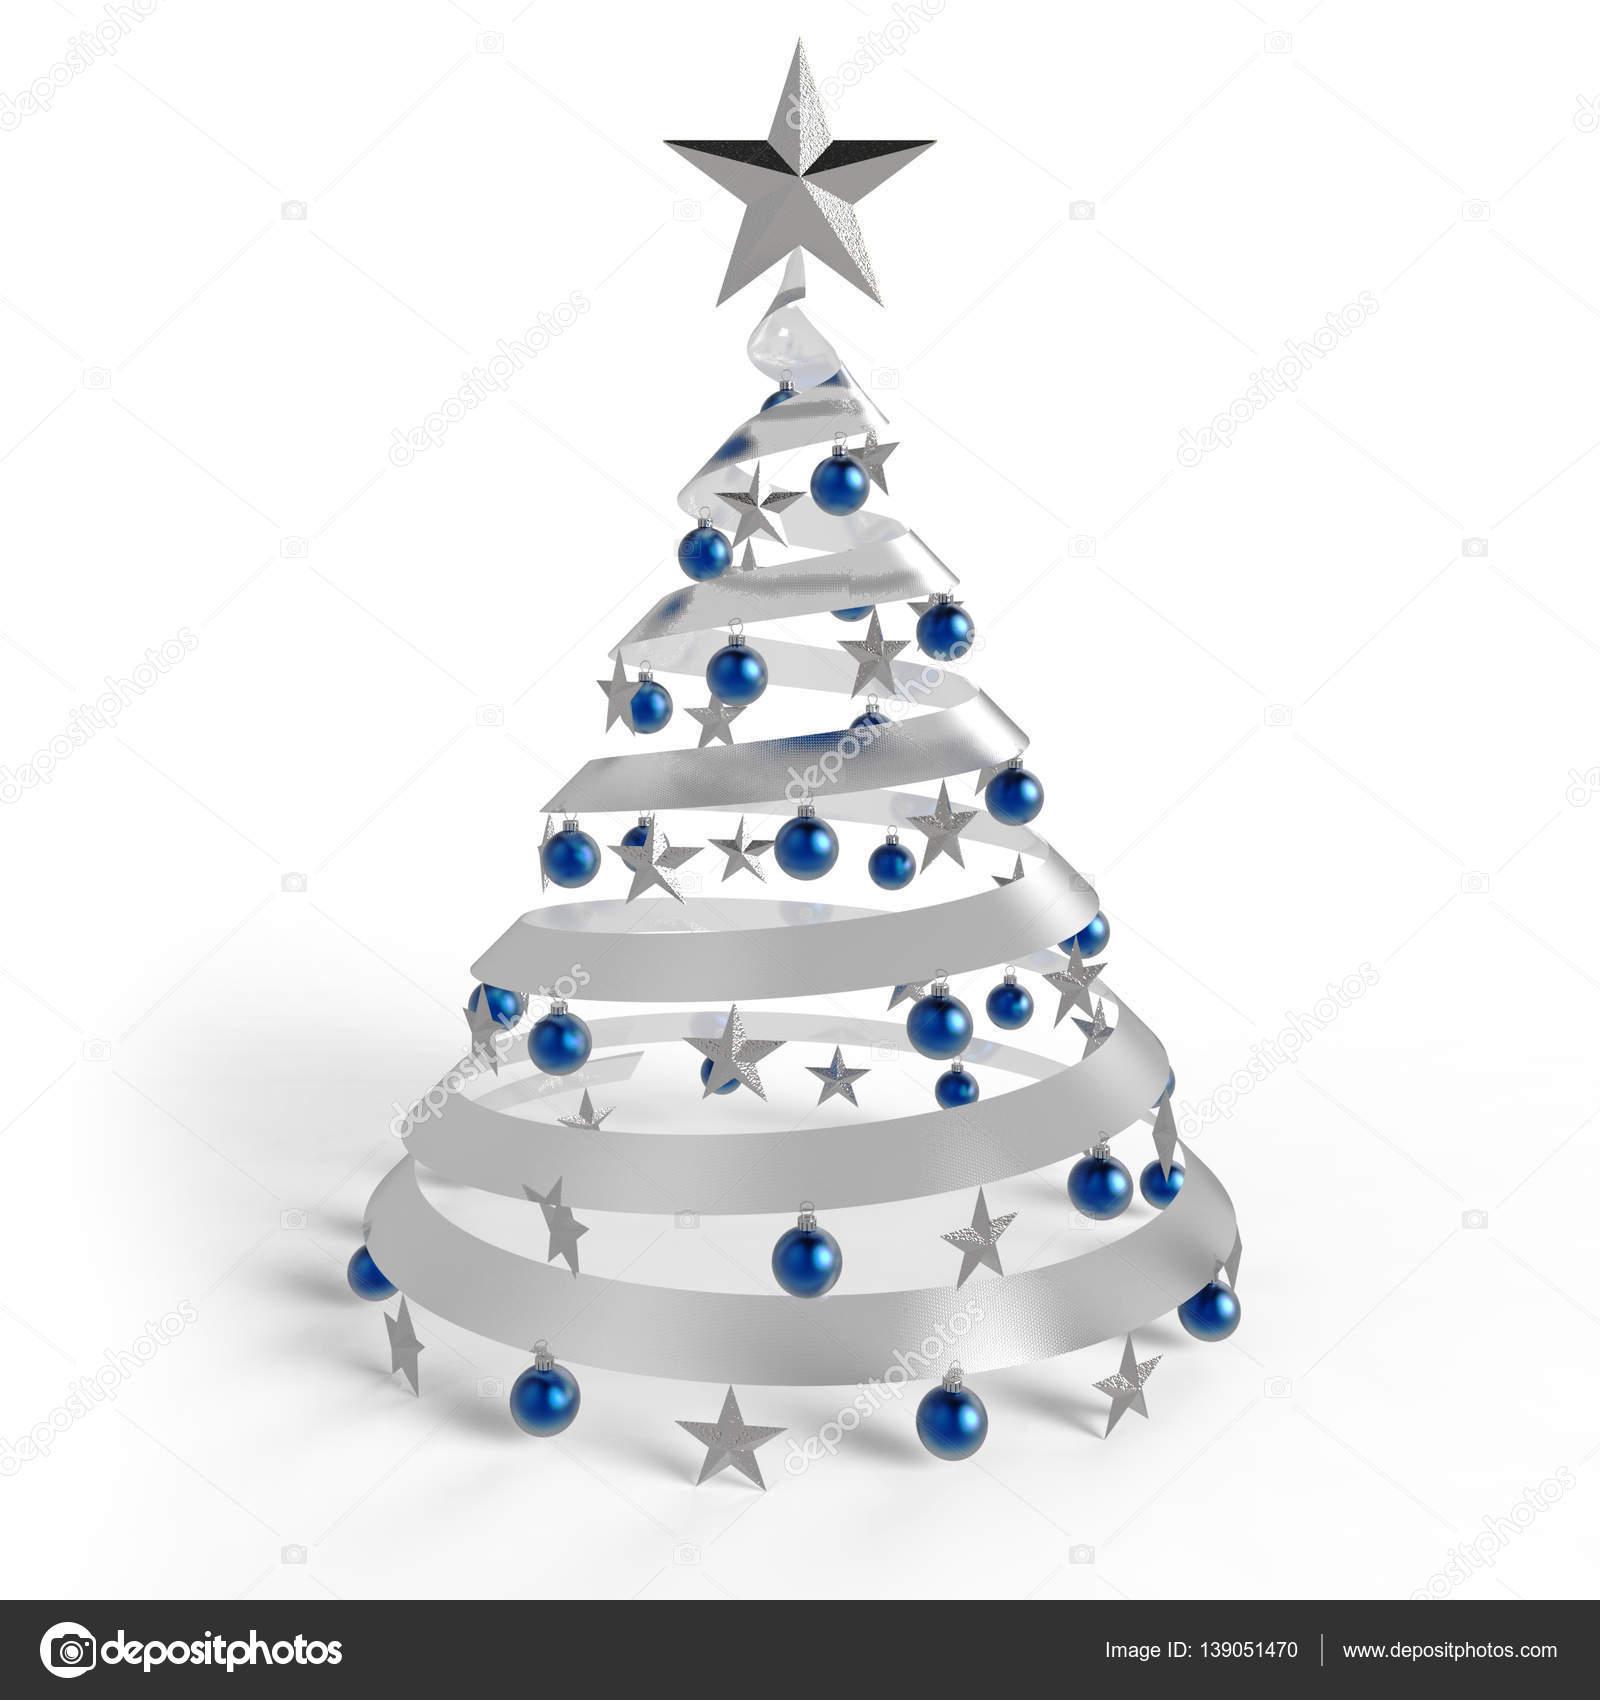 Weihnachtsbaum Metall Spirale.Weihnachtsbaum Spirale Stockfoto Tom19275 139051470